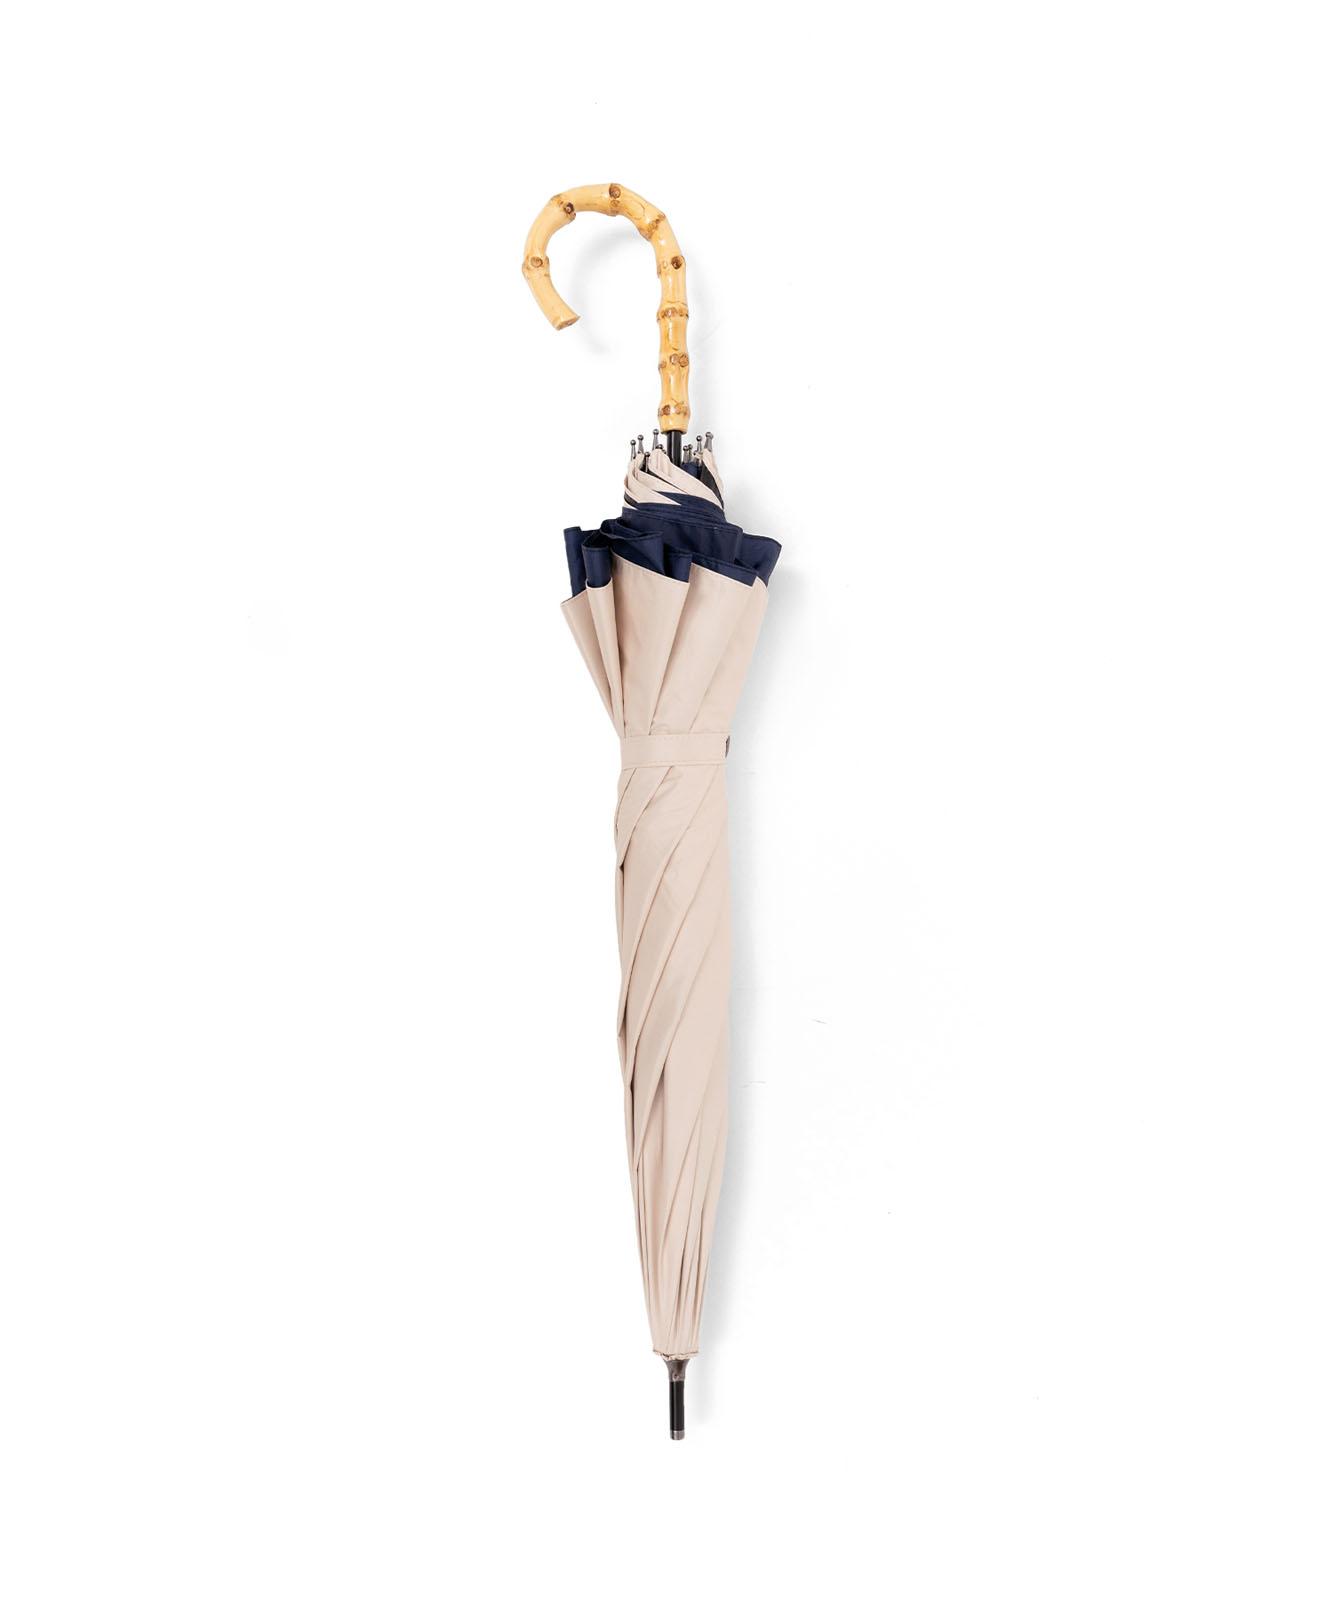 トランスフォーム傘(耐風傘)